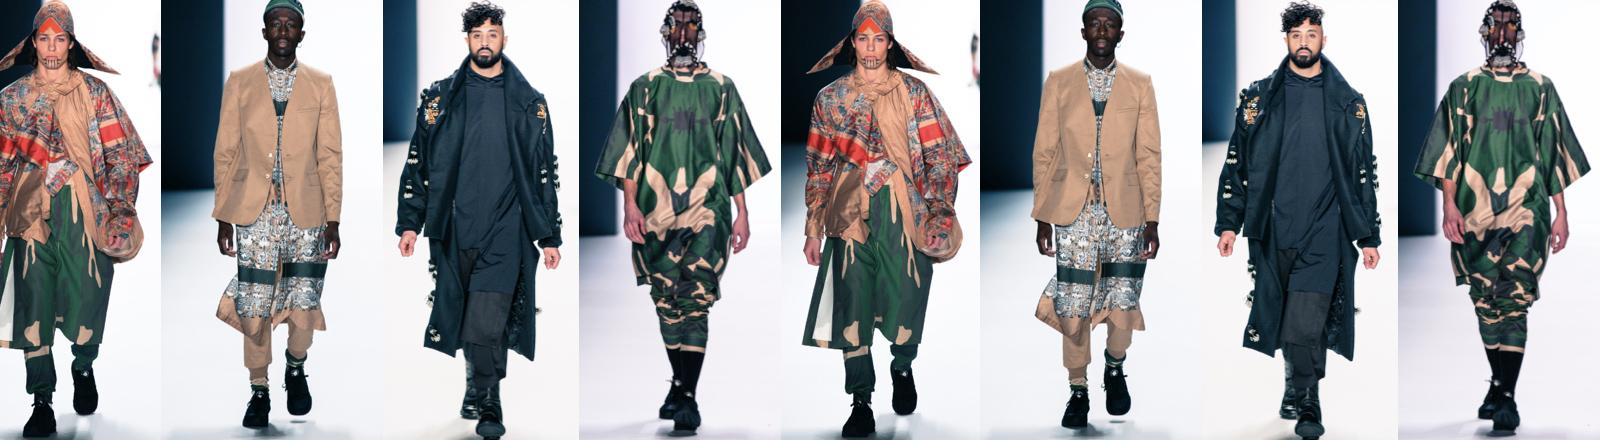 Die Herbst-/Winter-Kollektion 2016/17 des Designers Sadak